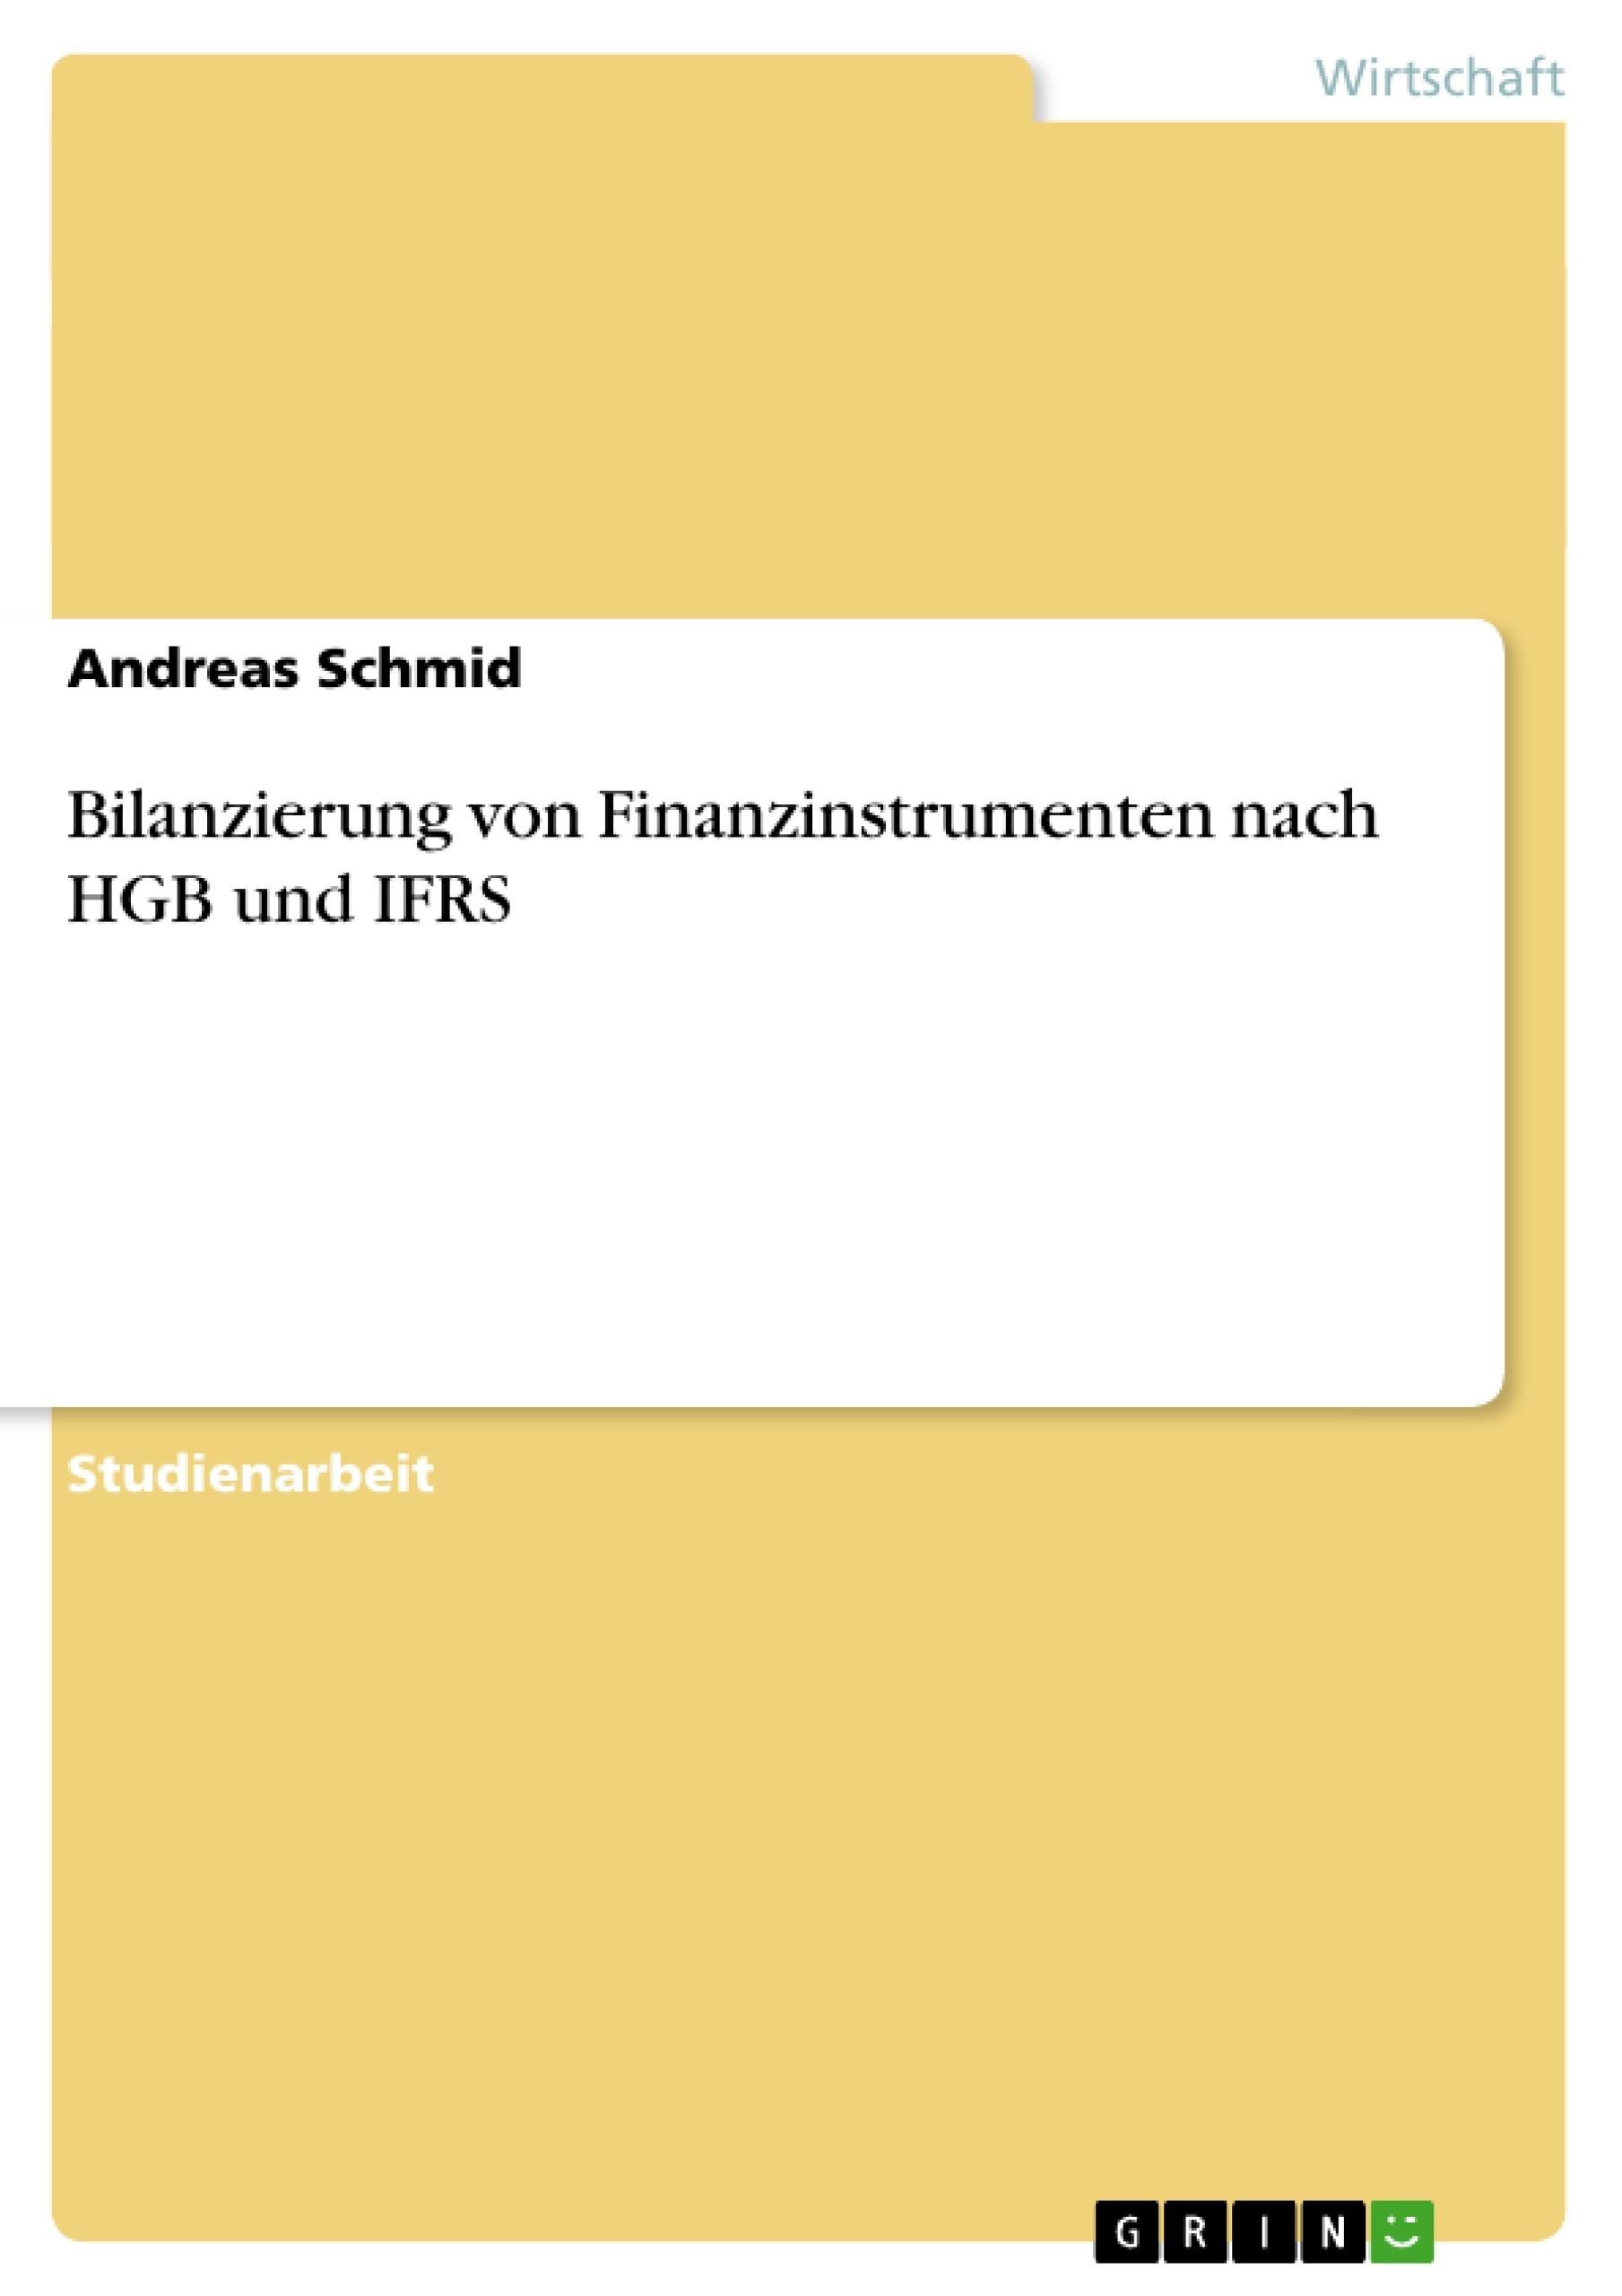 Titel: Bilanzierung von Finanzinstrumenten nach HGB und IFRS